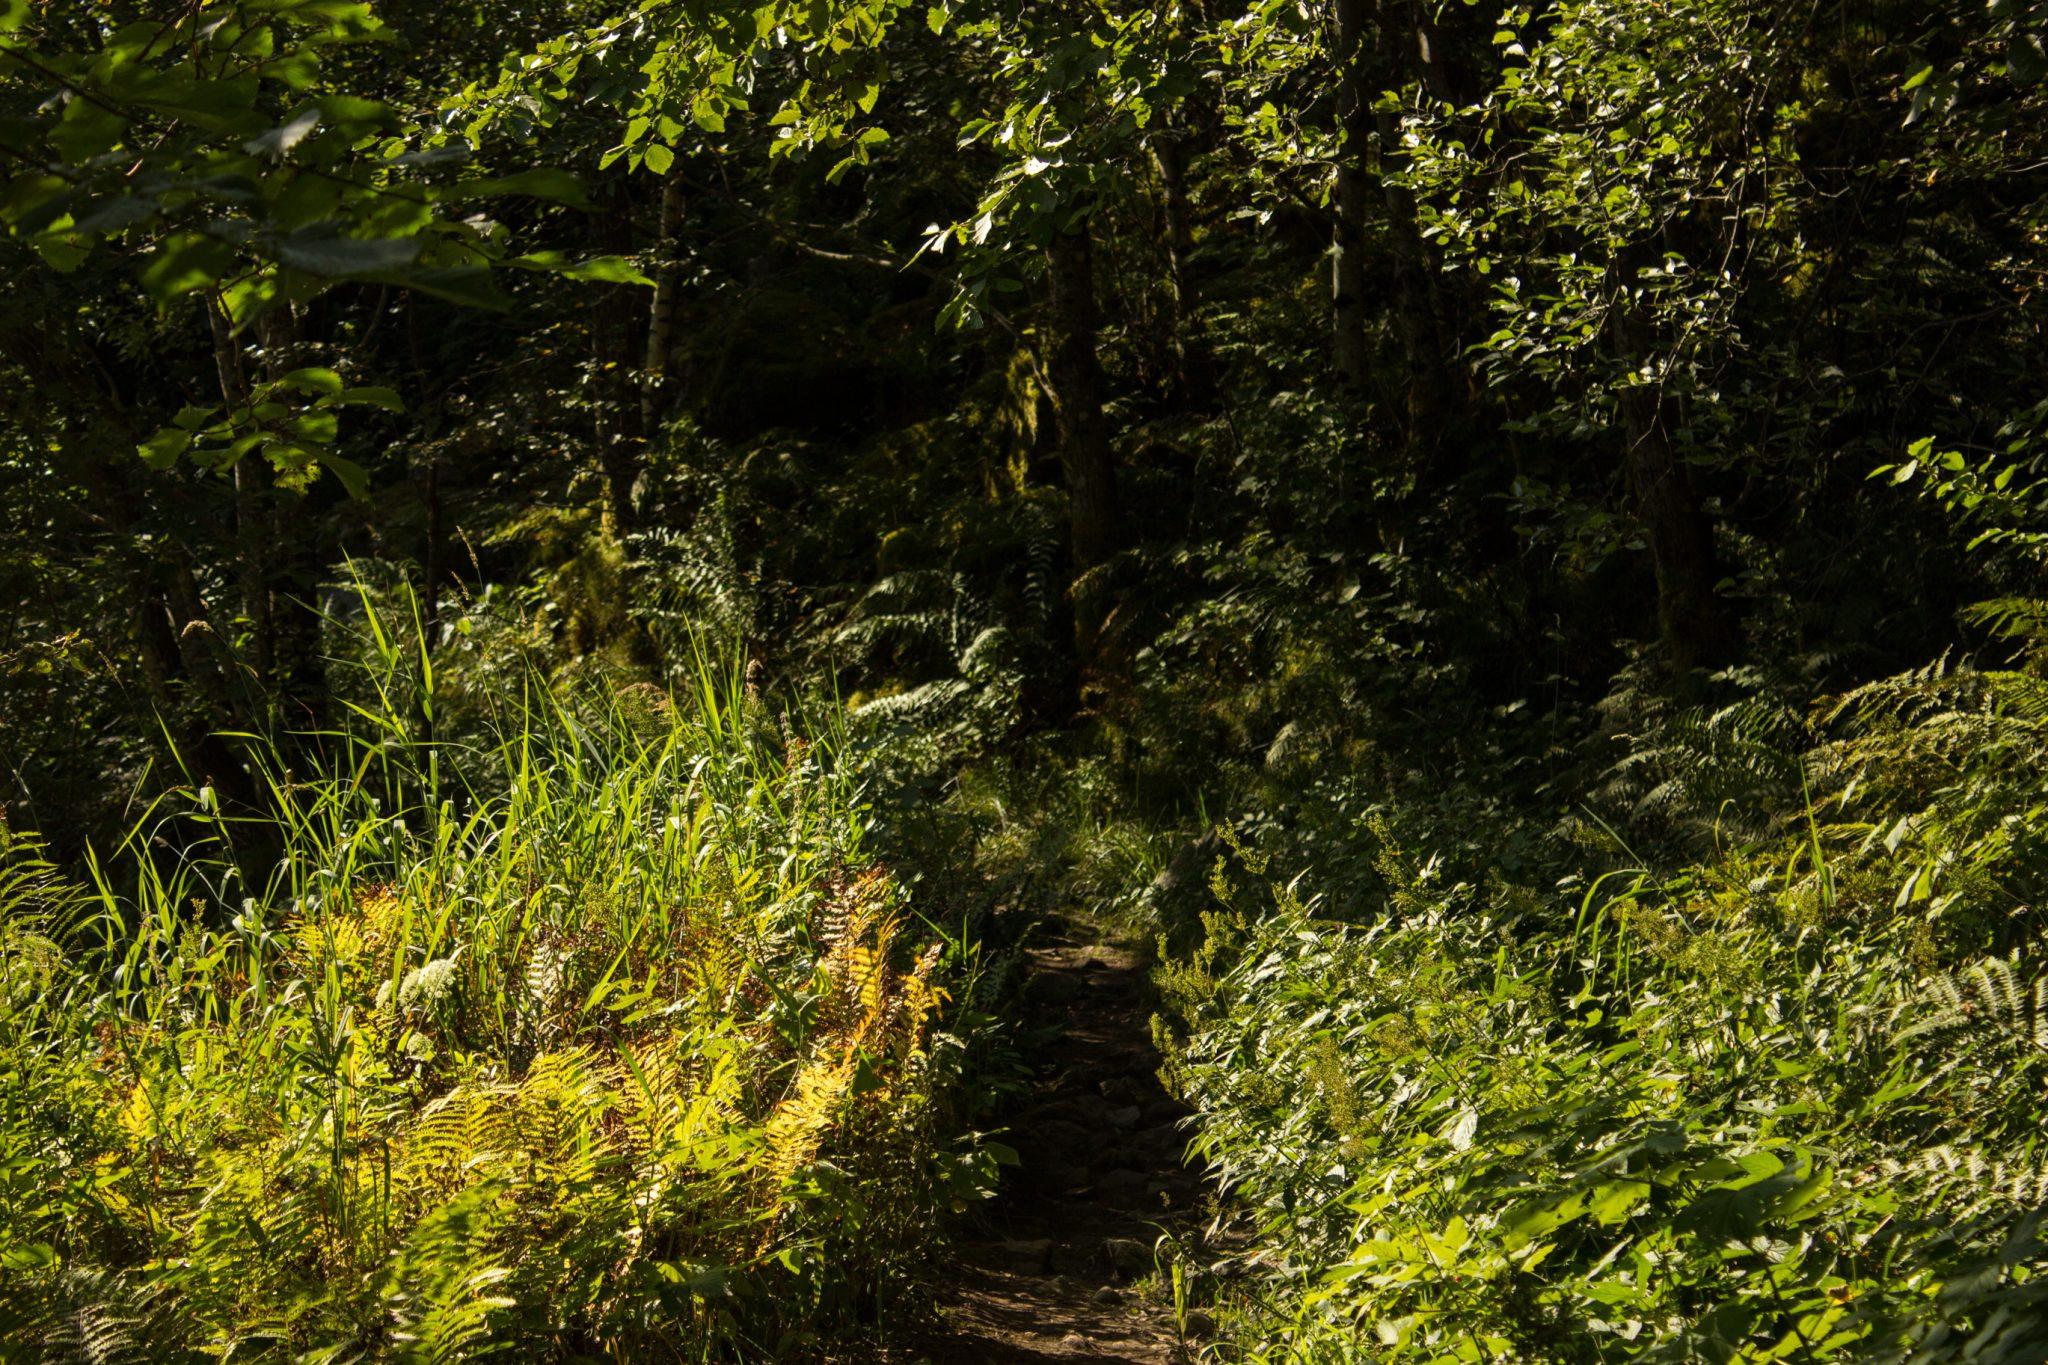 Wanderung vom Ort Sundal bis zum Gletscher Bondhusbreen im Folgefonna Nationalpark, schmaler Pfad durch Wald, saftig grüne Natur mit vielen Farnen